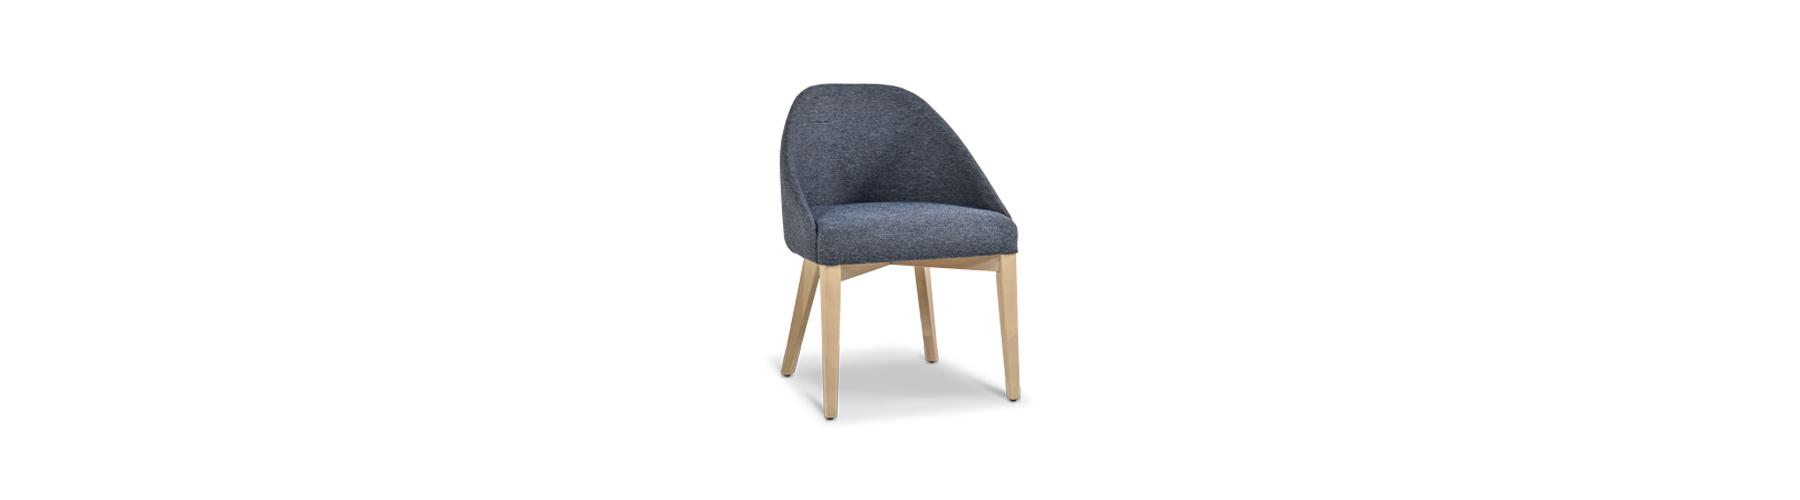 Eva - face - Chaise - William